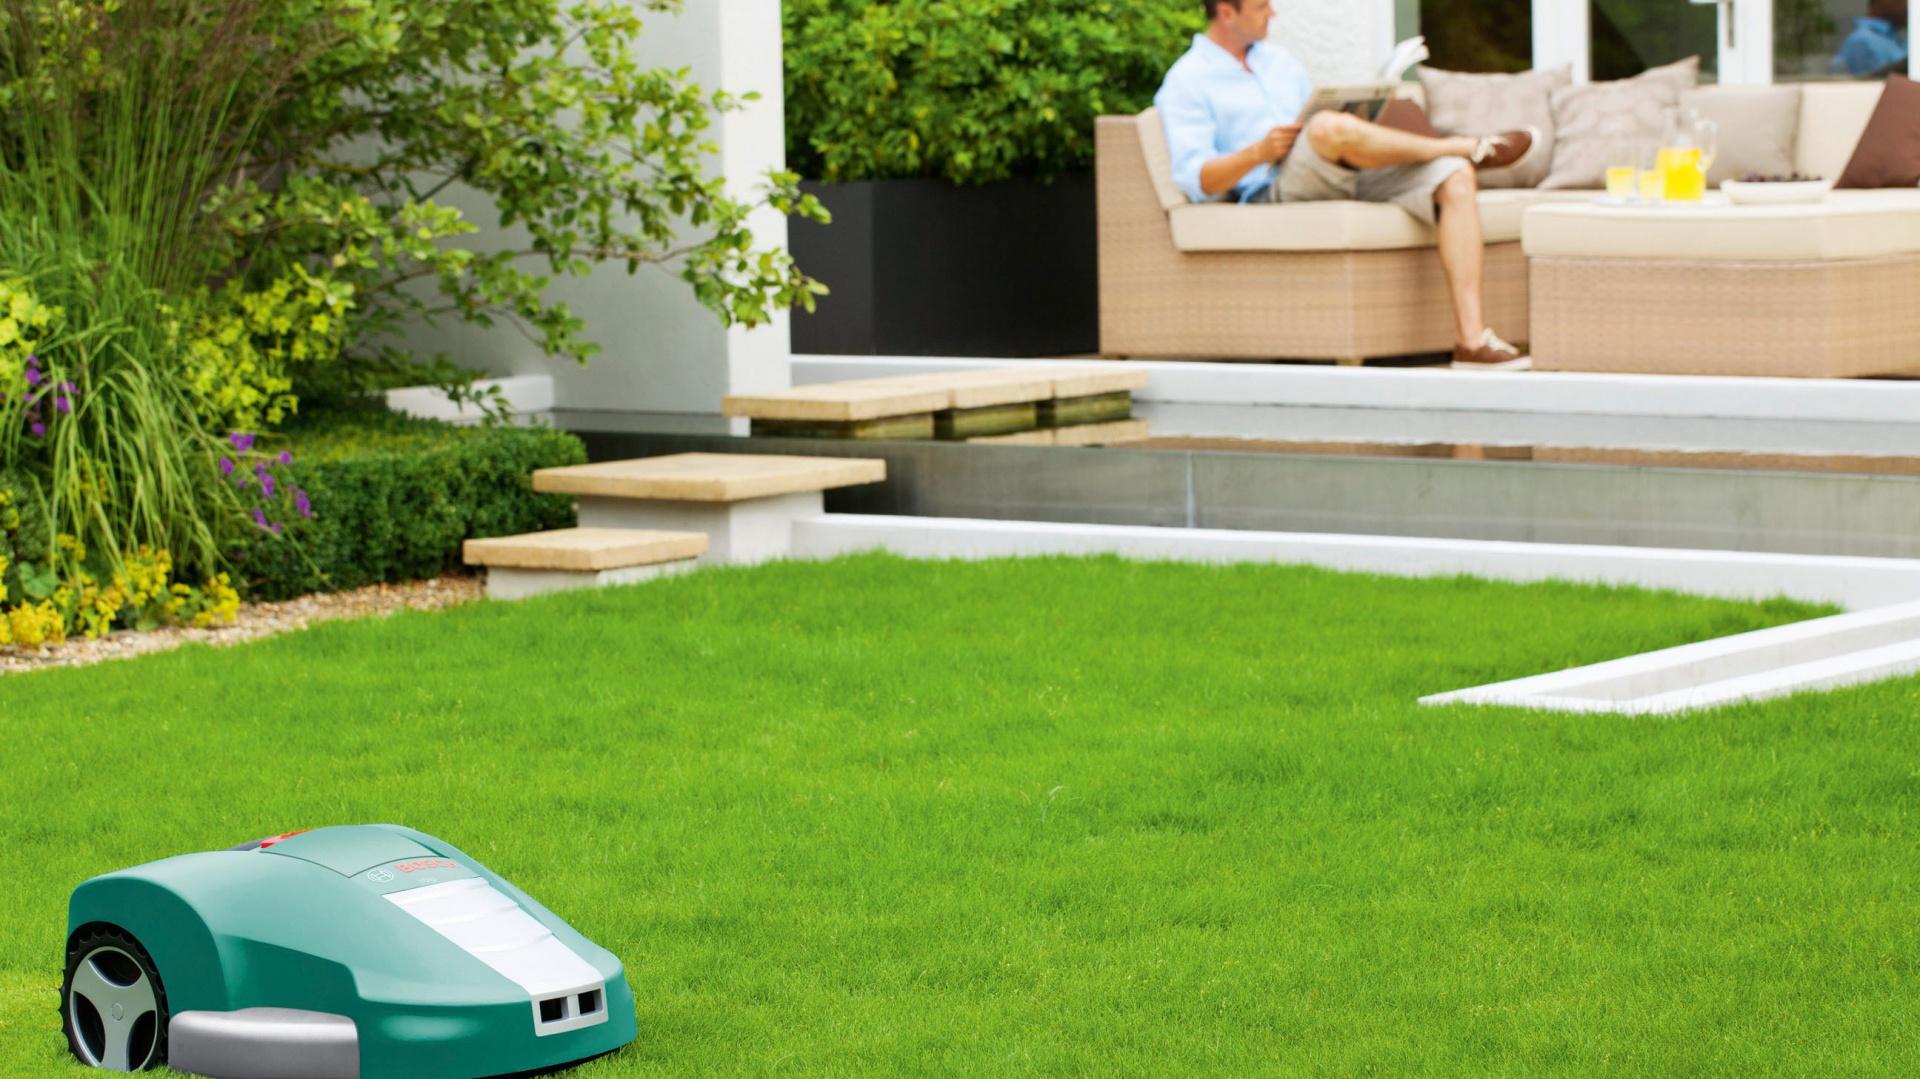 Kosiarka automatyczna Bosch Indego spełnia marzenie o pięknym trawniku. Sam proces koszenia przebiega automatycznie i nie wymaga udziału lub nadzoru właściciela ogrodu. Fot. Bosch.